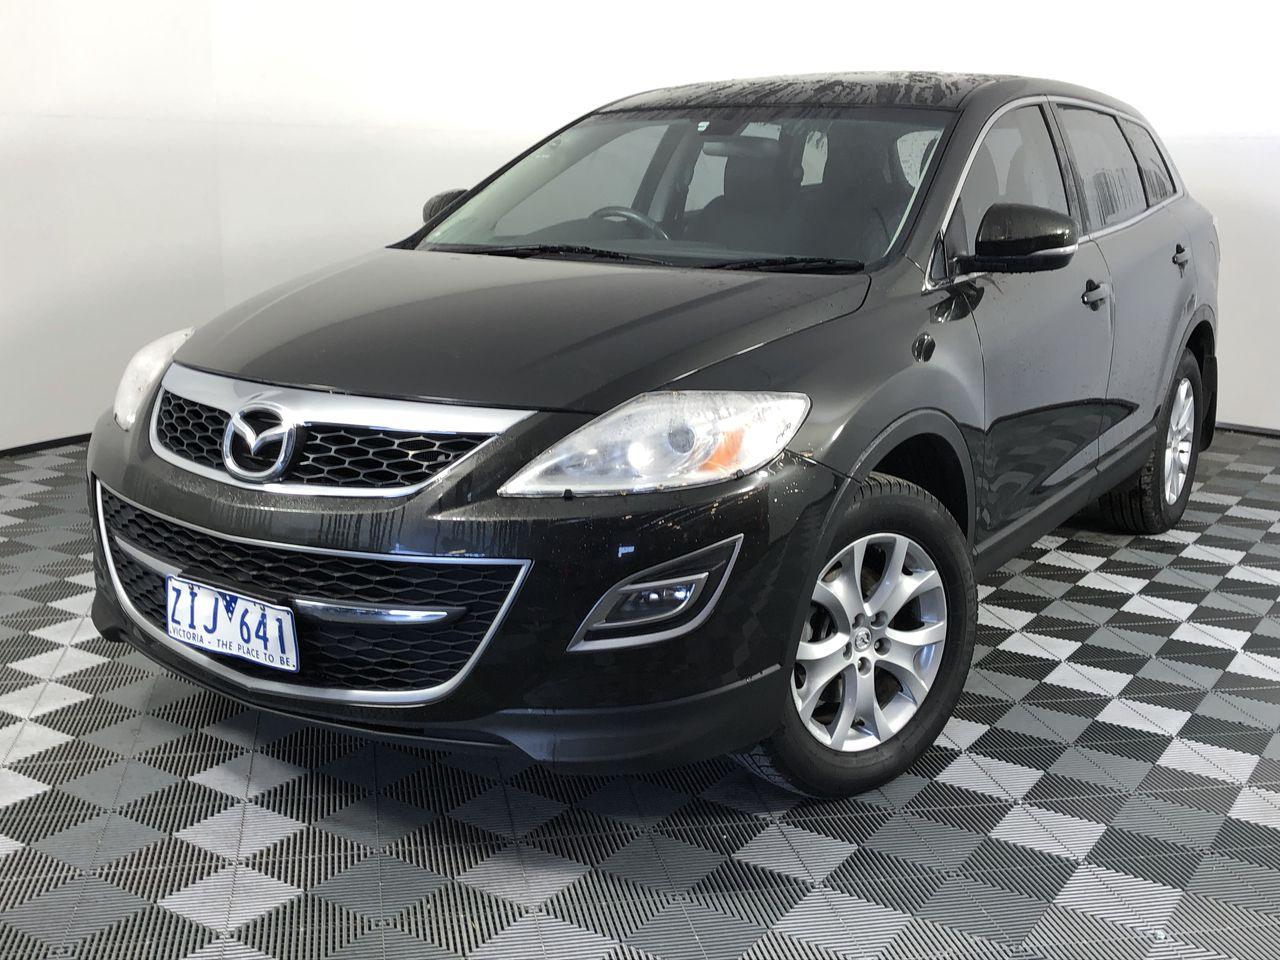 2012 Mazda CX-9 Classic (FWD) Automatic 7 Seats Wagon